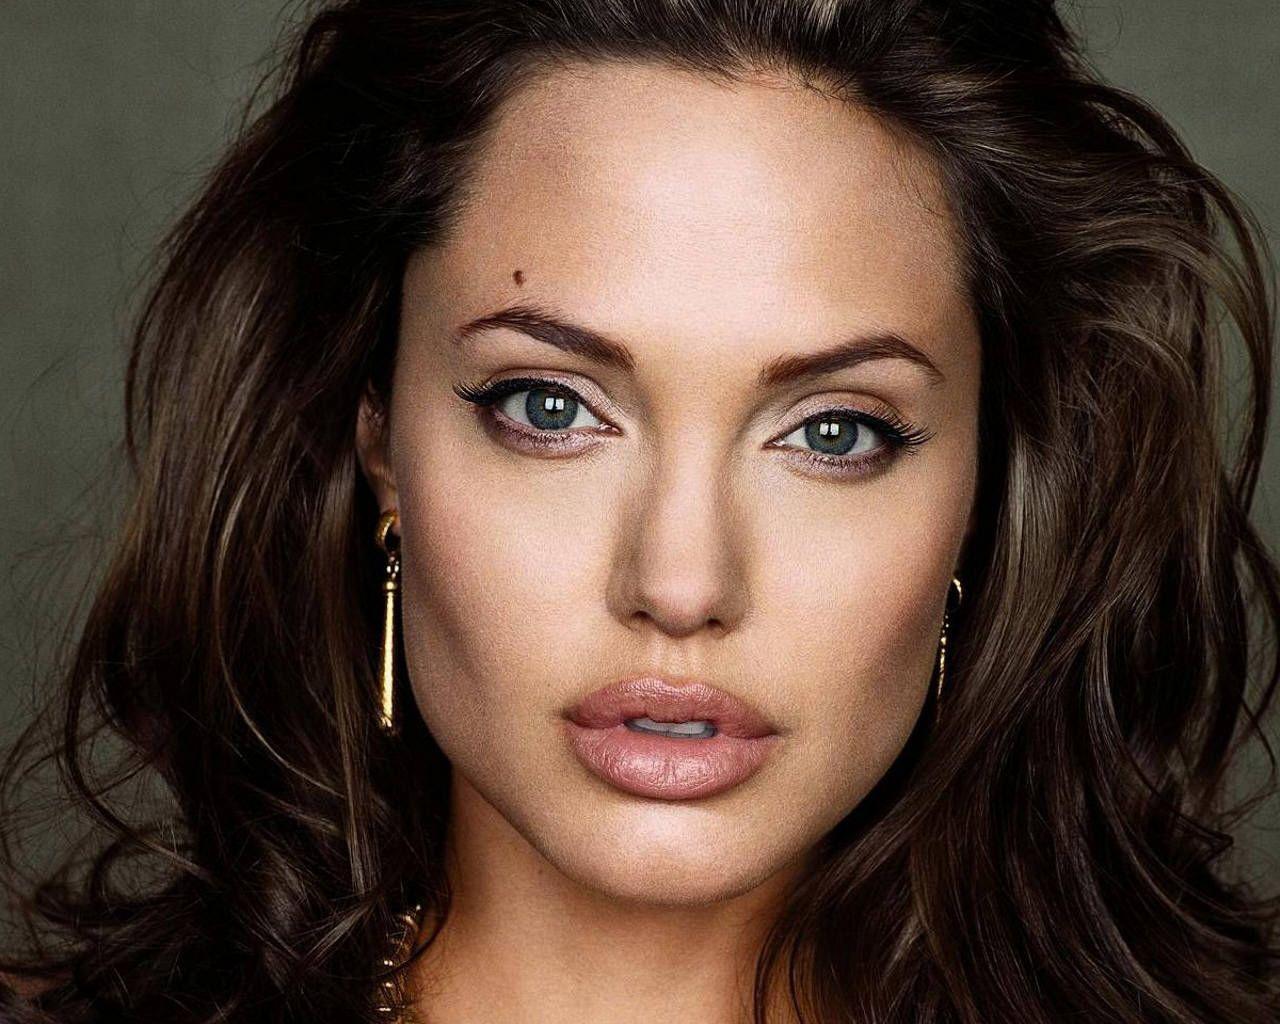 http://1.bp.blogspot.com/_bo0Cpi9Q820/TFYD_wiNfLI/AAAAAAAAAIM/3-noa63GpuU/s1600/Angelina-Jolie-rostro-3.jpg